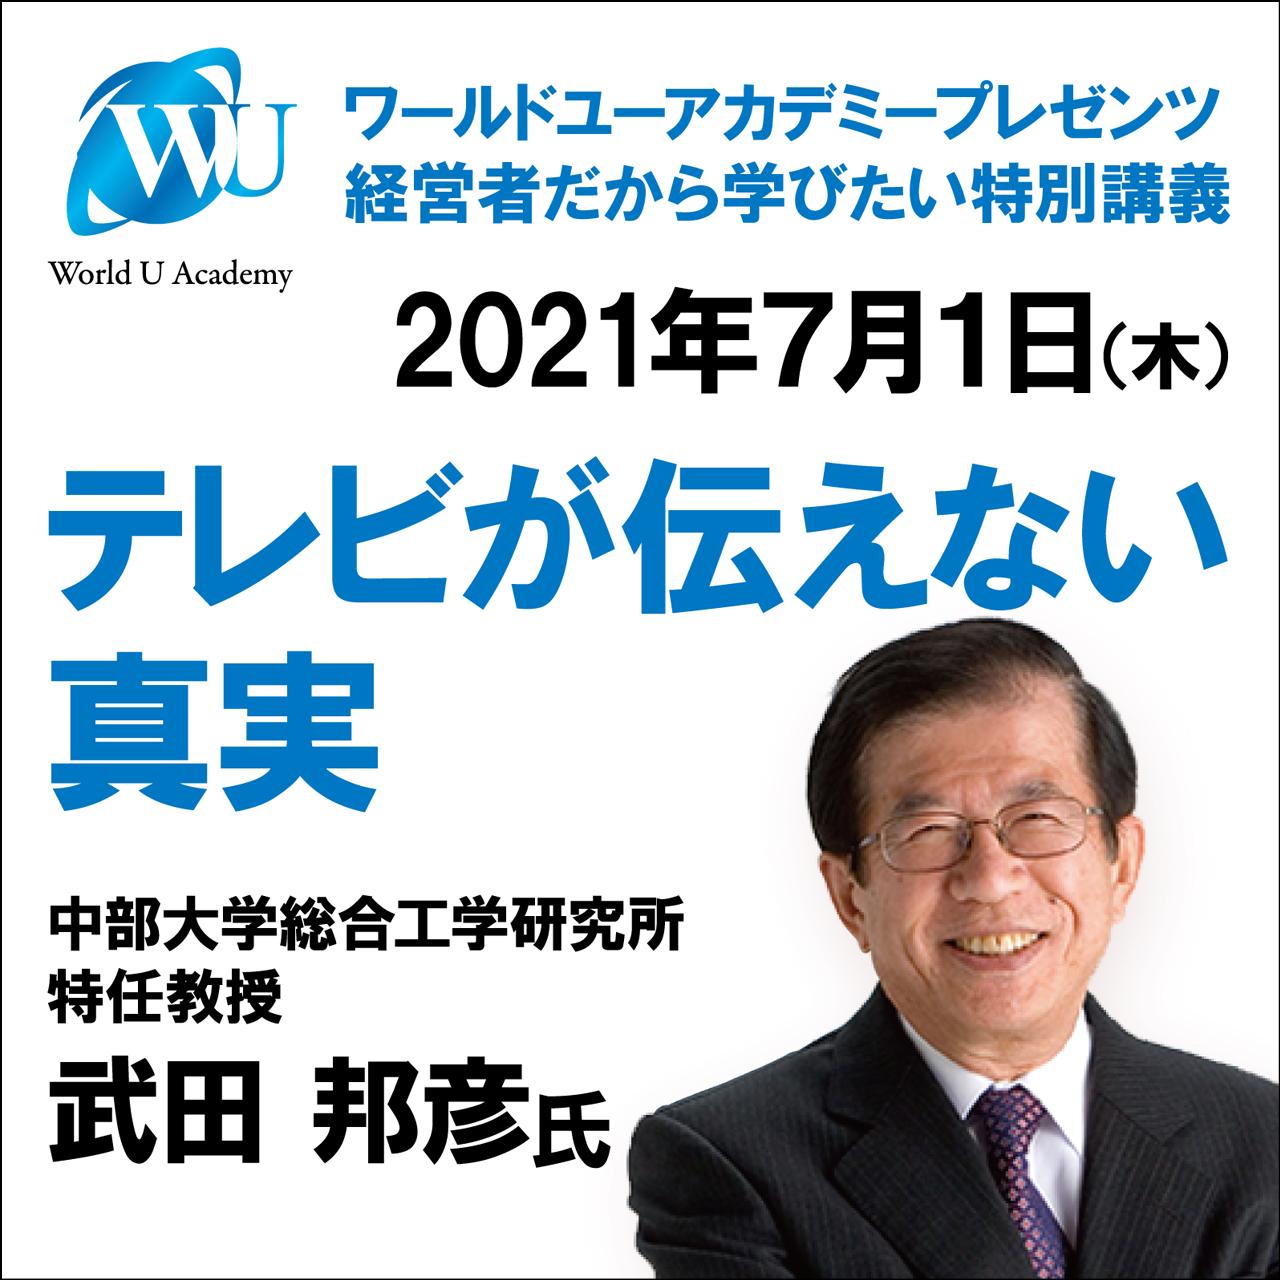 2021年7月1日 World U Academy プレゼンツ 経営者だから学びたい特別講義<br>武田邦彦氏